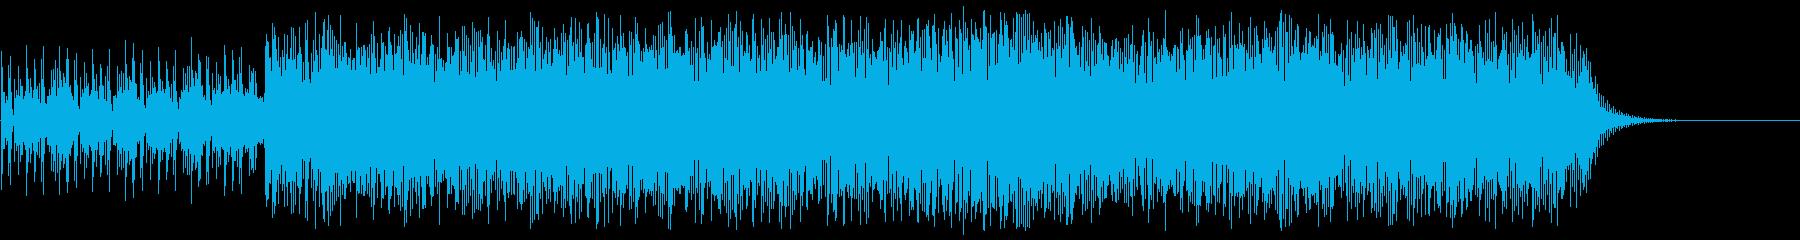 緊張 スリル スピード 追跡 映画 都会の再生済みの波形